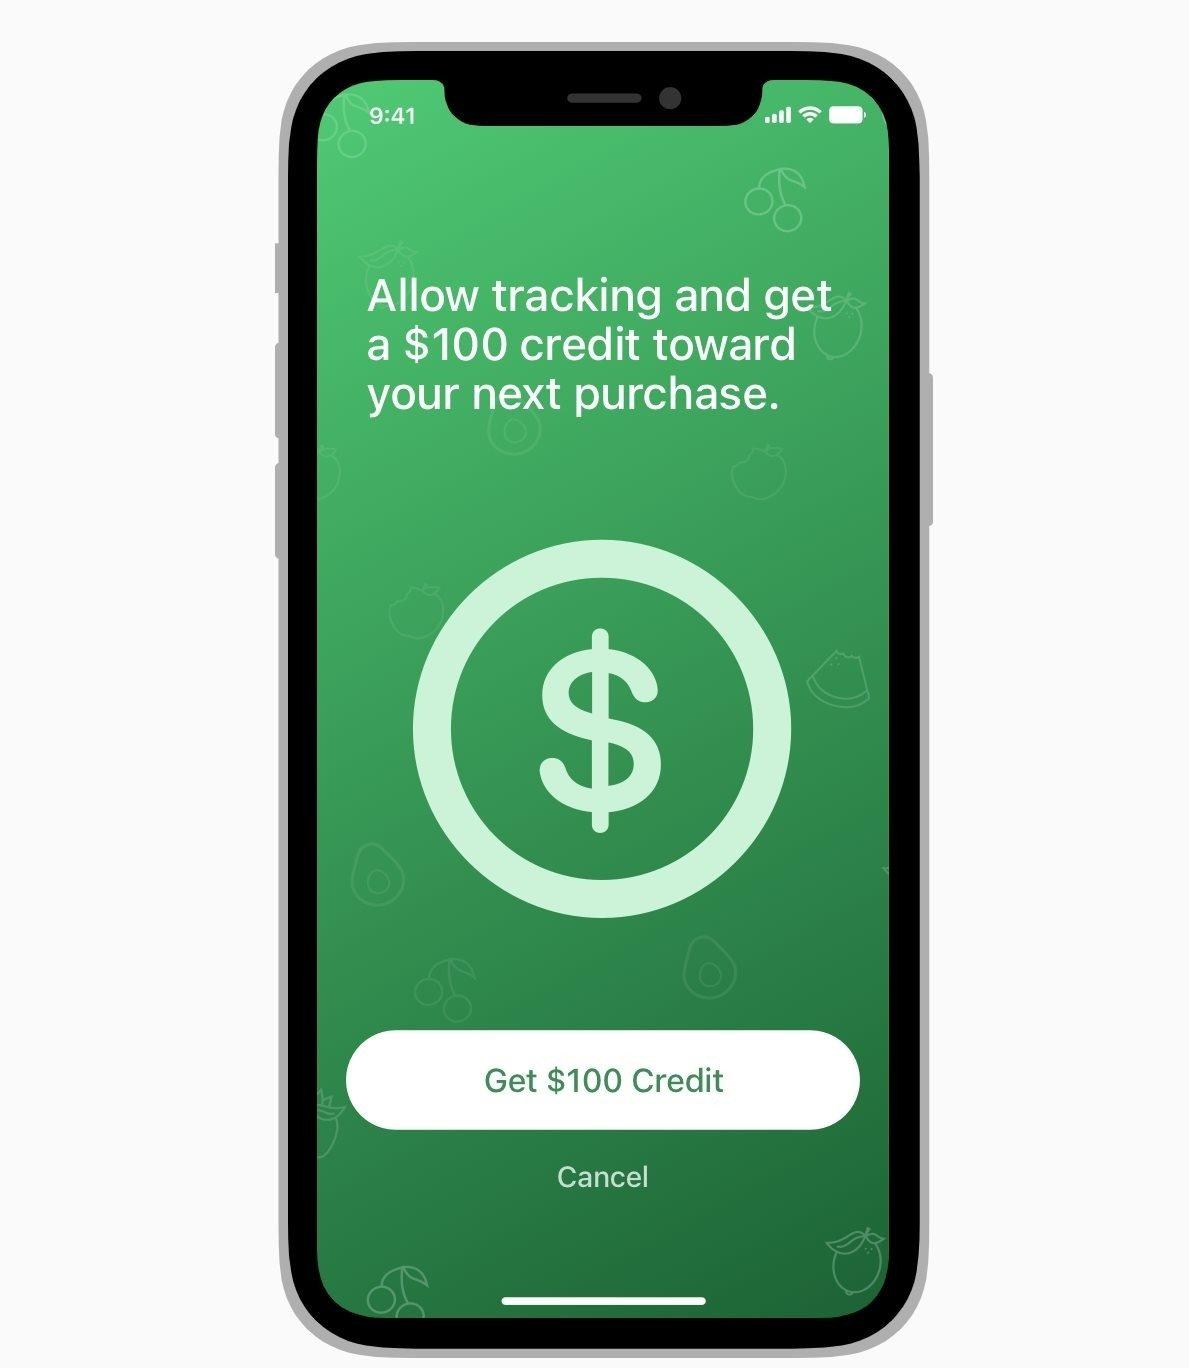 apple iPhone com incentivo para recolha de dados